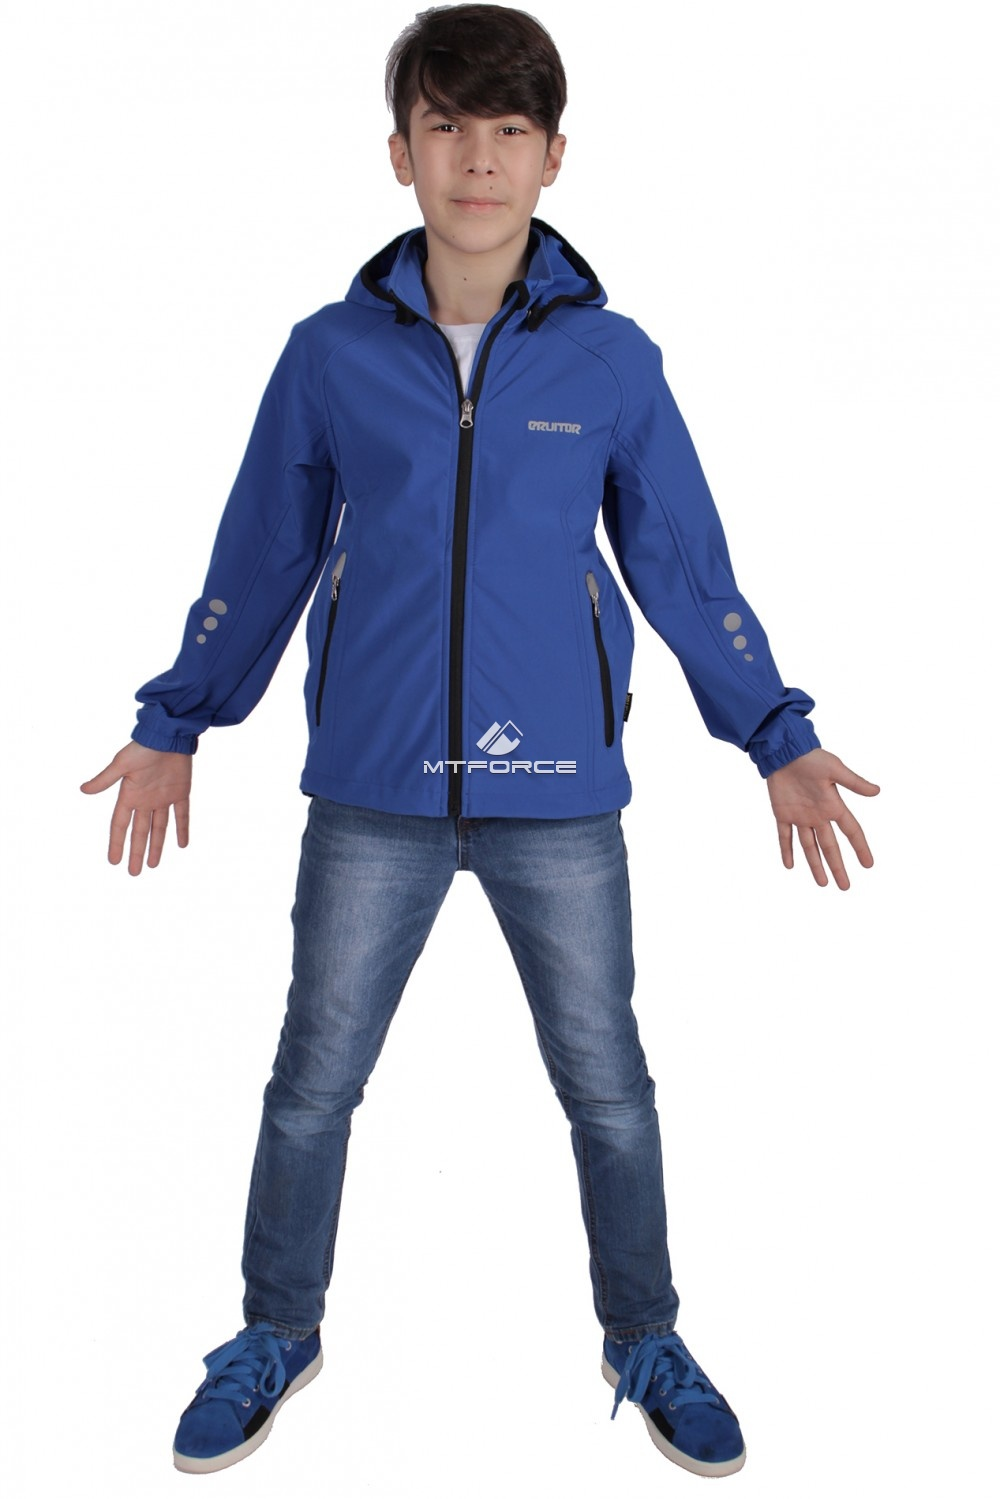 Купить                                  оптом Куртка ветровка подростковая для мальчика синего цвета 034-2S